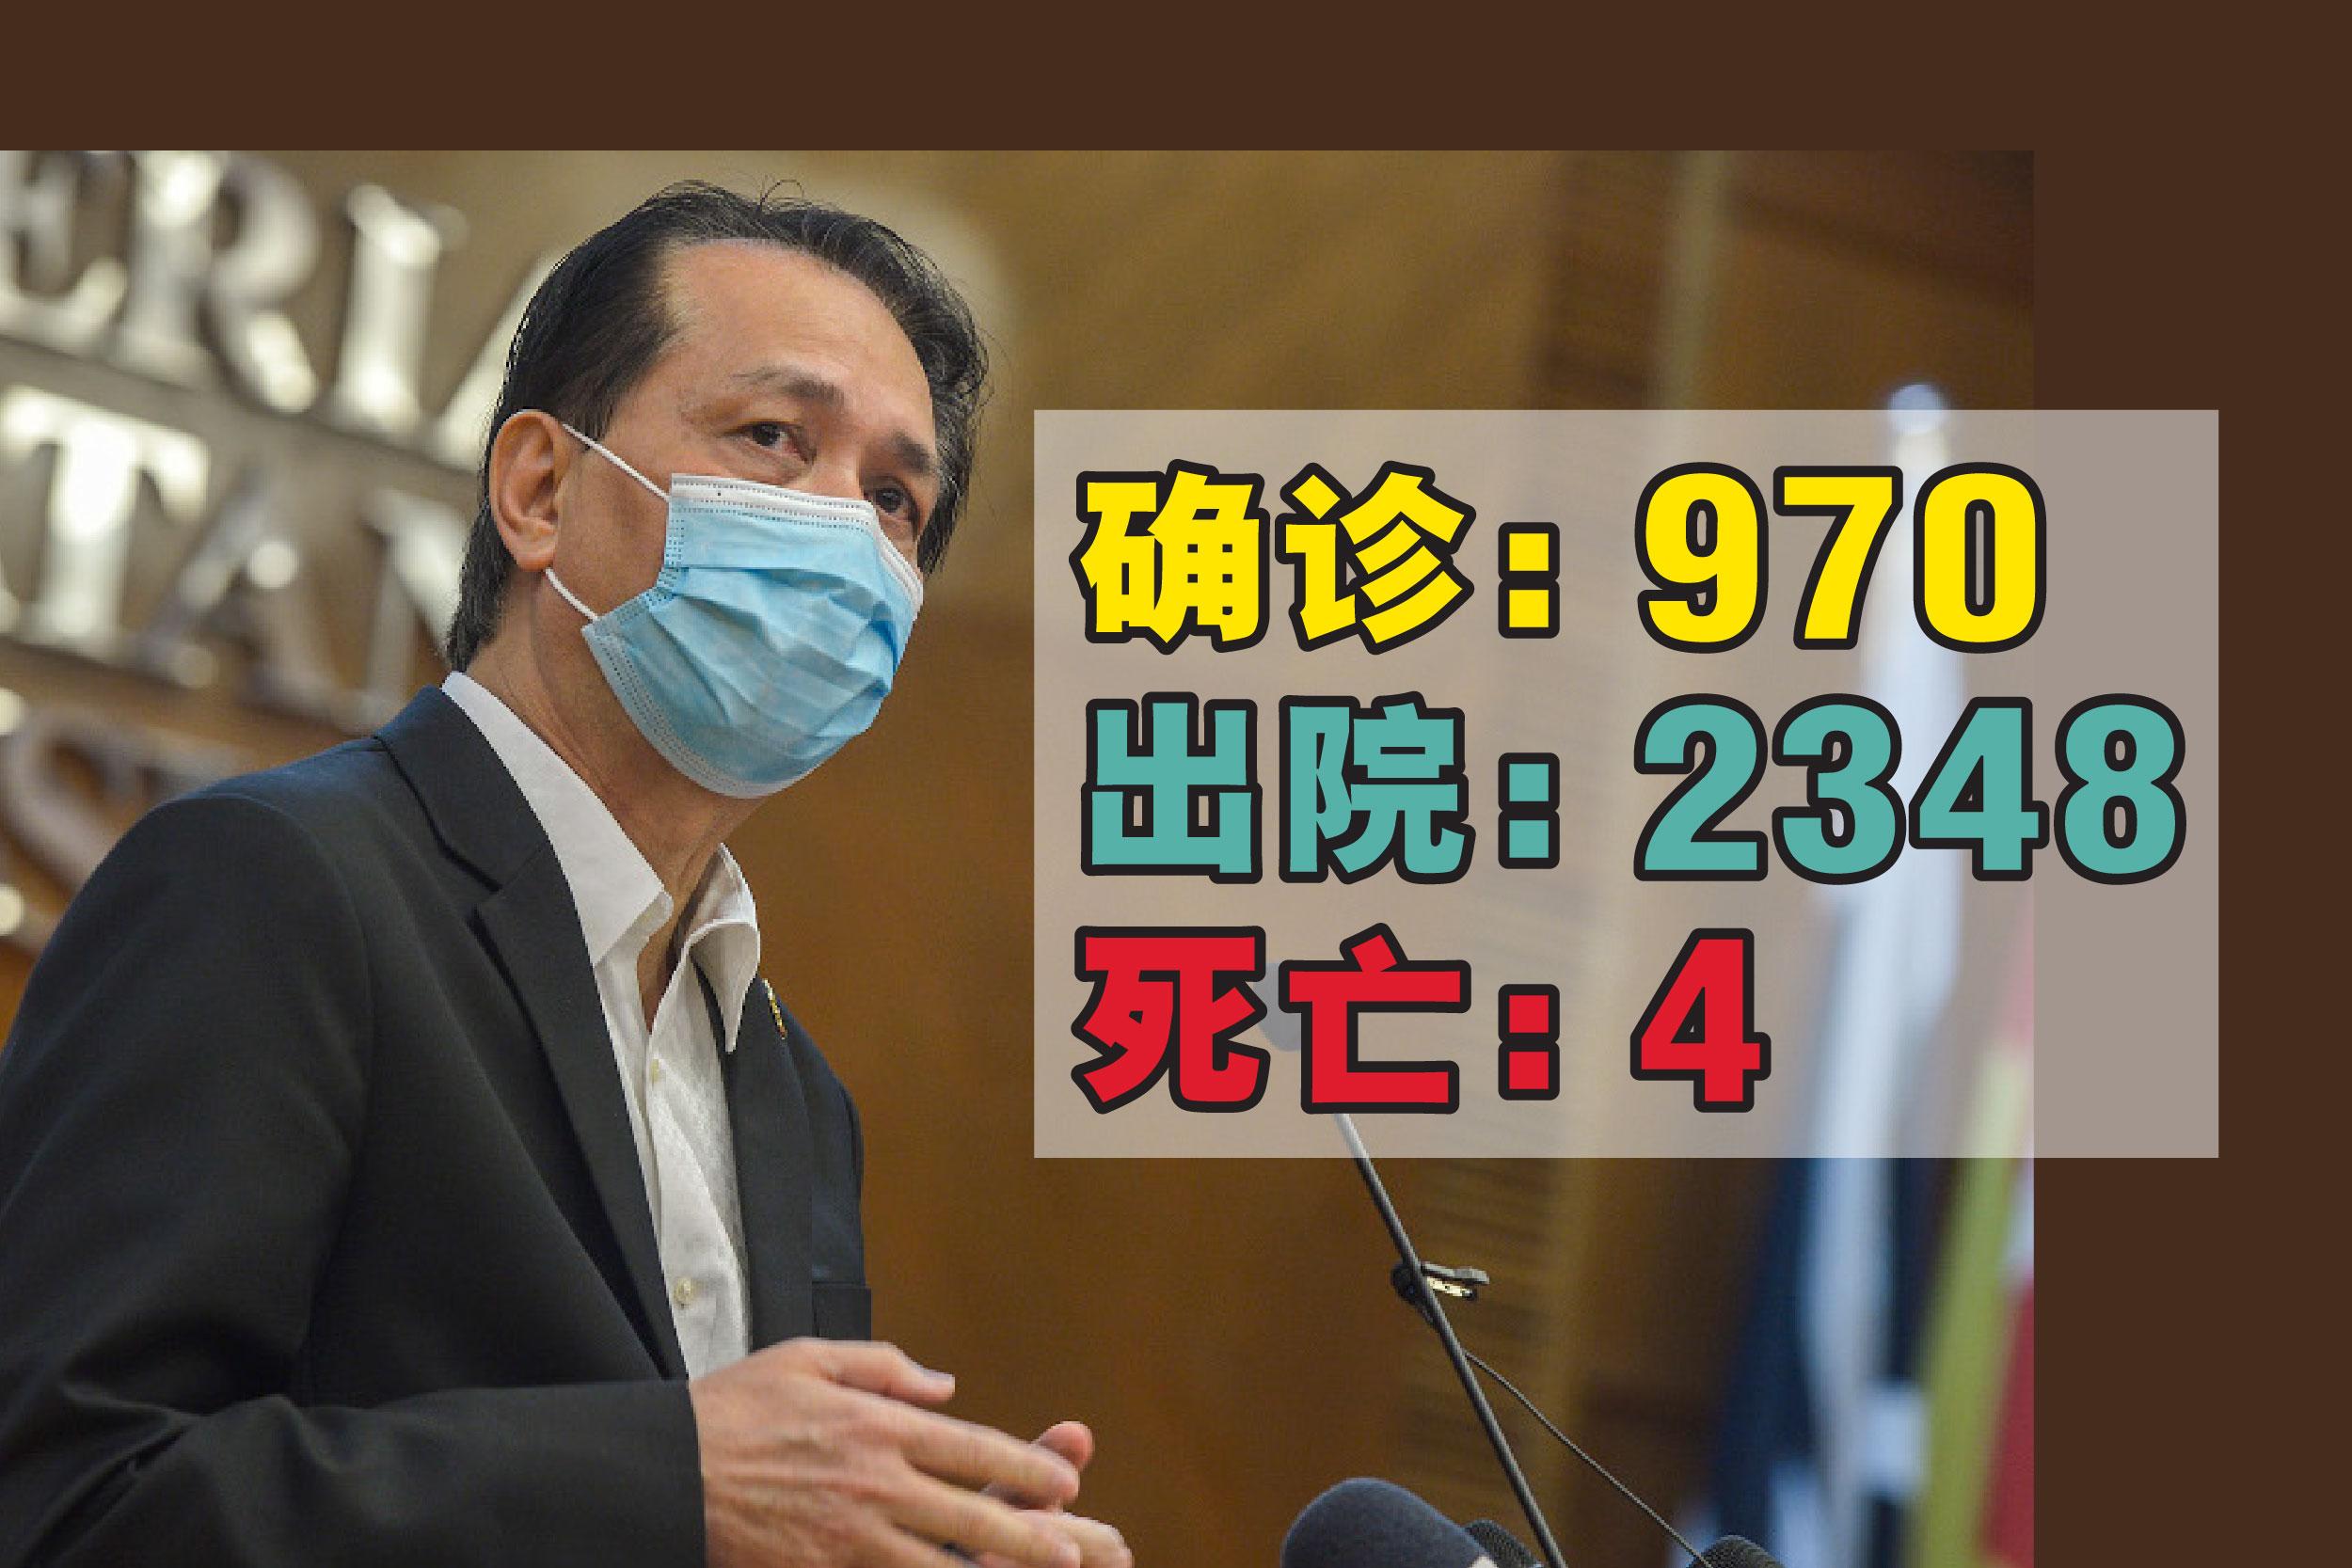 诺希山说,今天康复人物再刷新最高纪录,共有2348人治愈出院。-精彩大马制图-